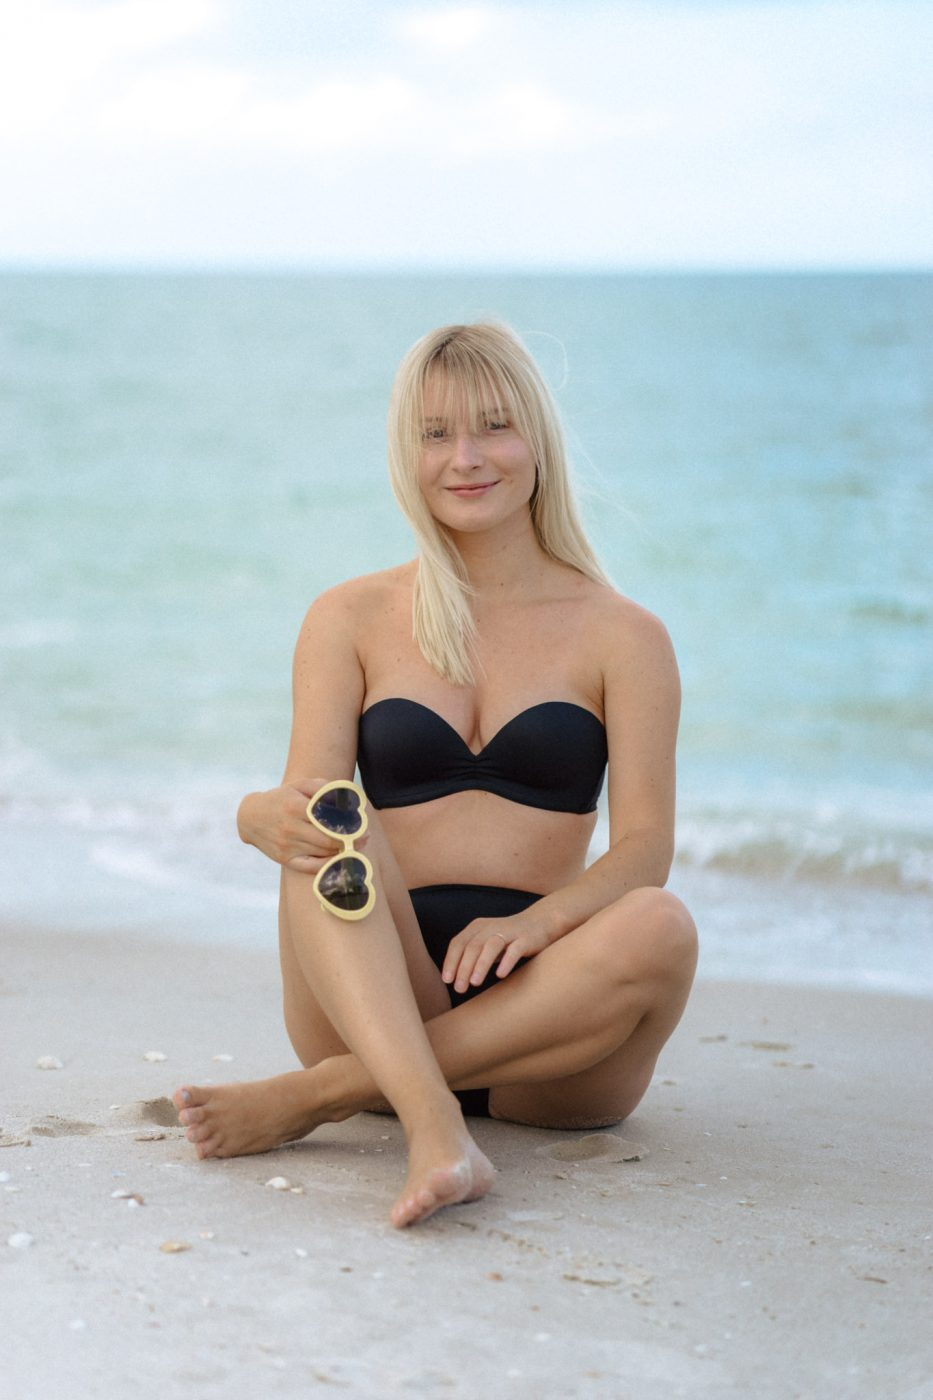 Jenny wearing an Upbra swimsuit - Sweet Teal